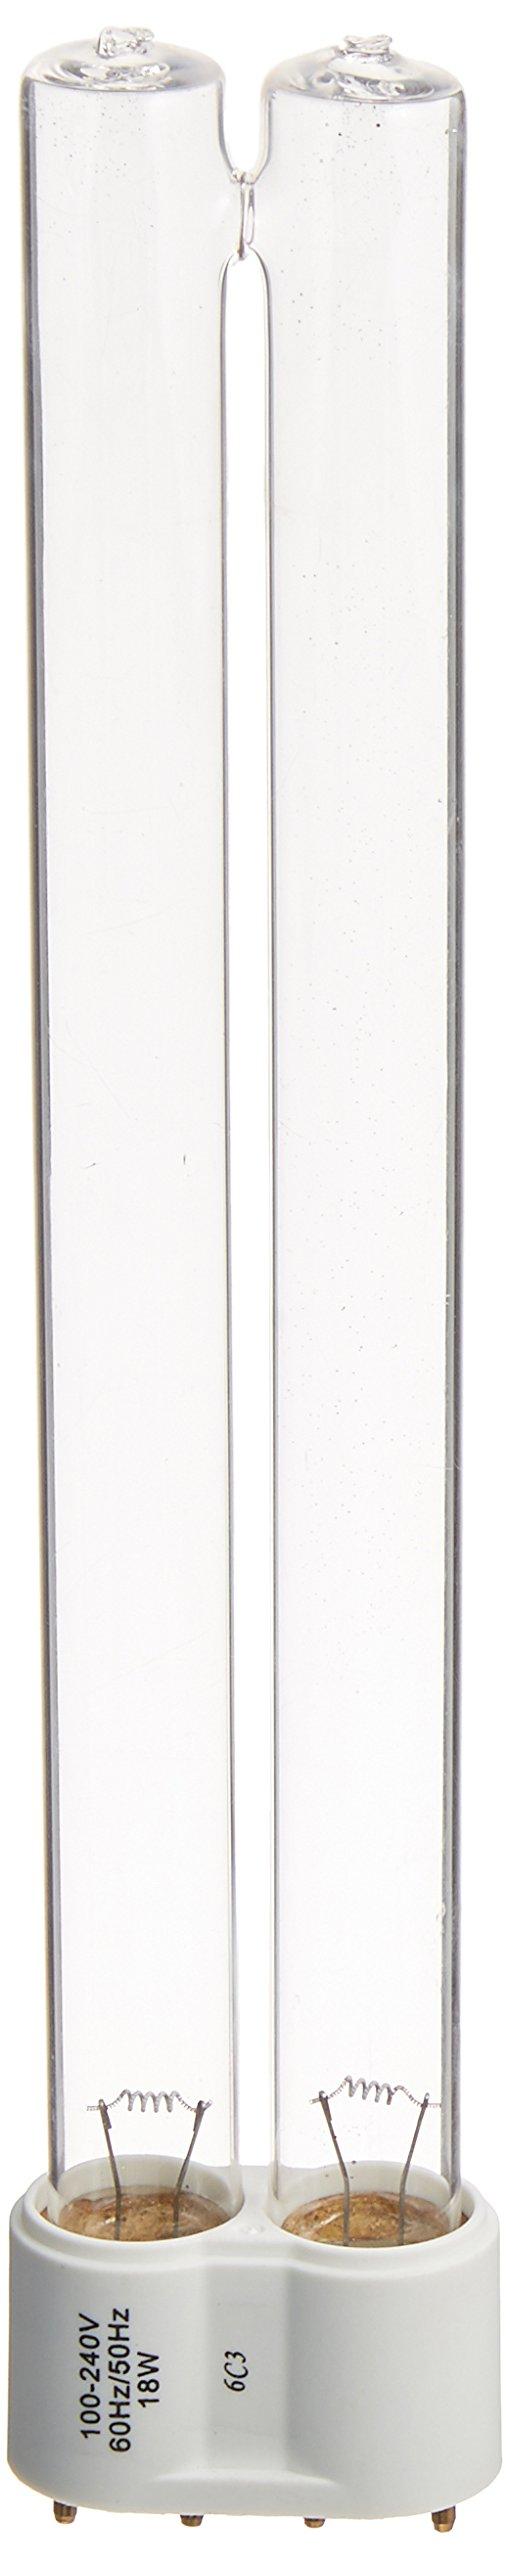 Coralife 05743 6X Turbo Twist UV Replacement Lamp, 18-Watt